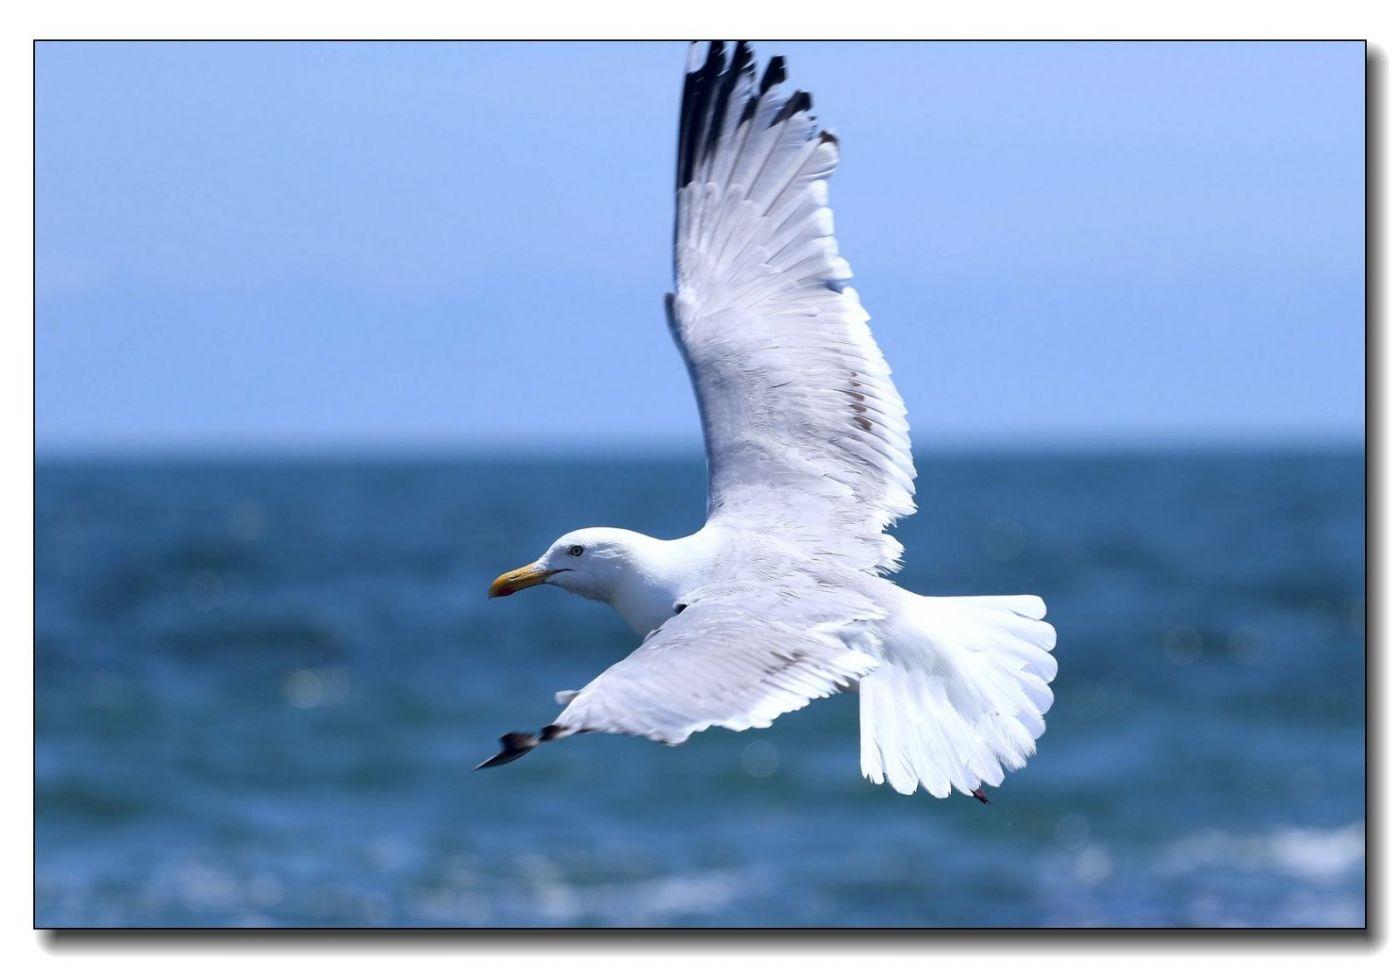 洛克威海滩拍鸟-银鸥_图1-10